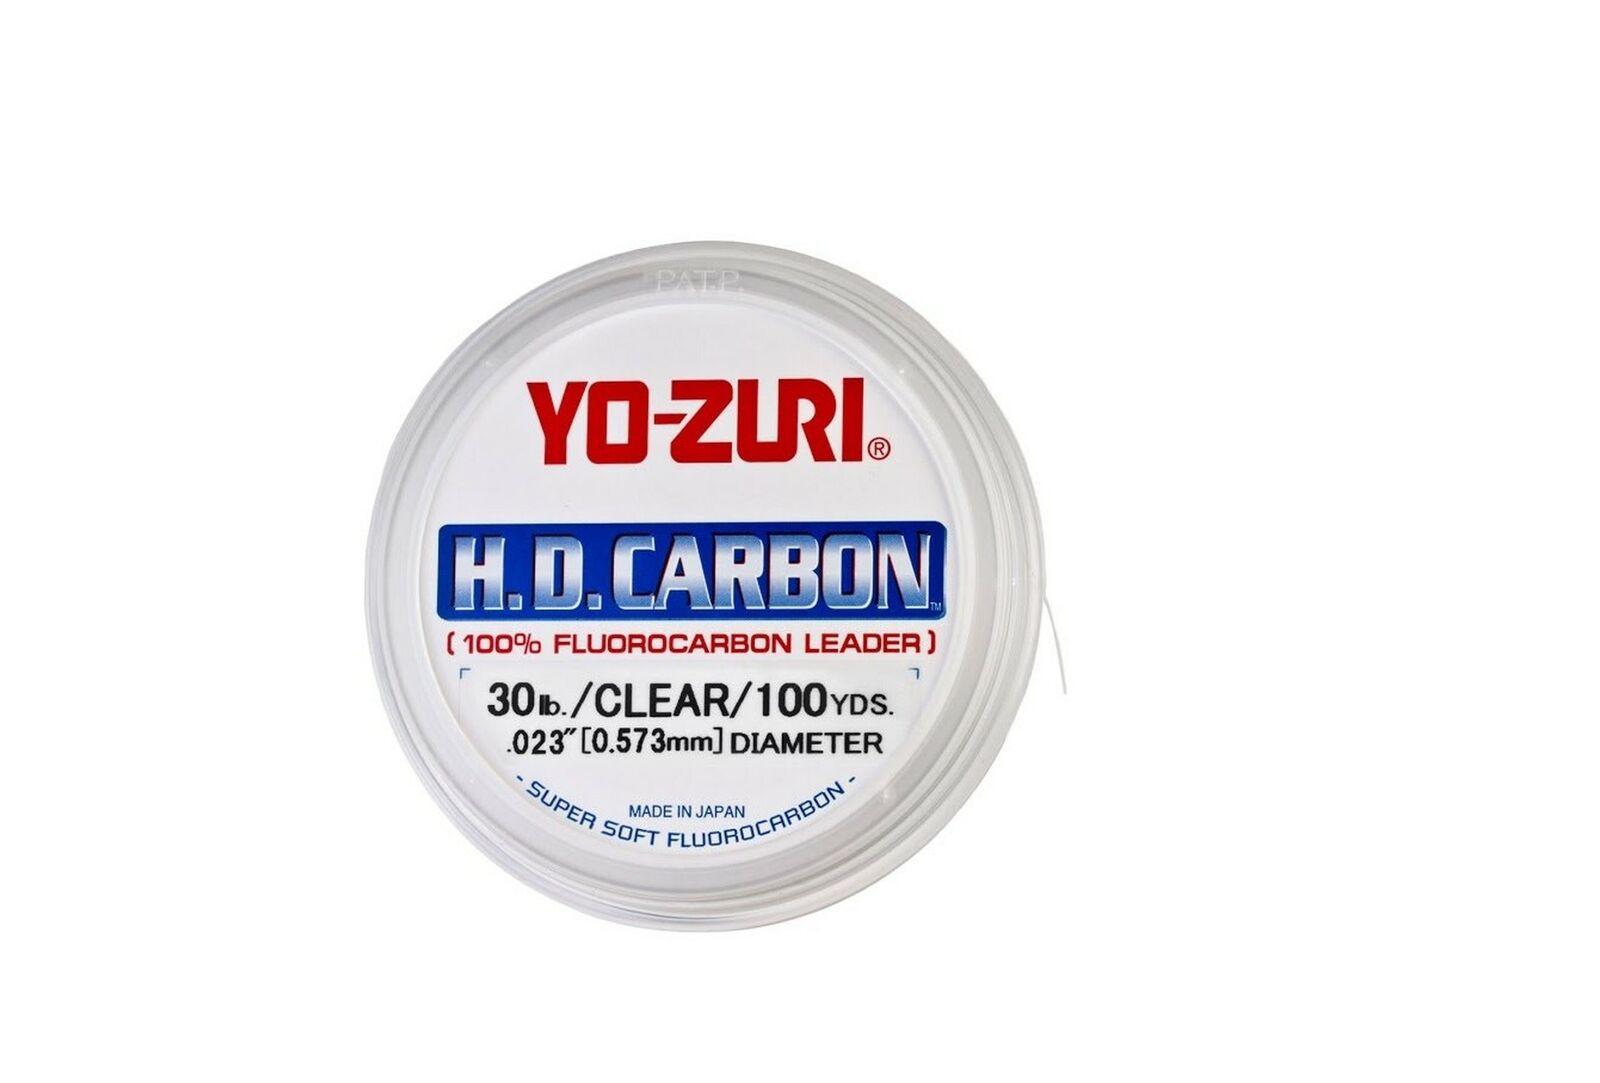 R889 H.D.Carbon Fluorocabon 100%  30YDS 20Lbs